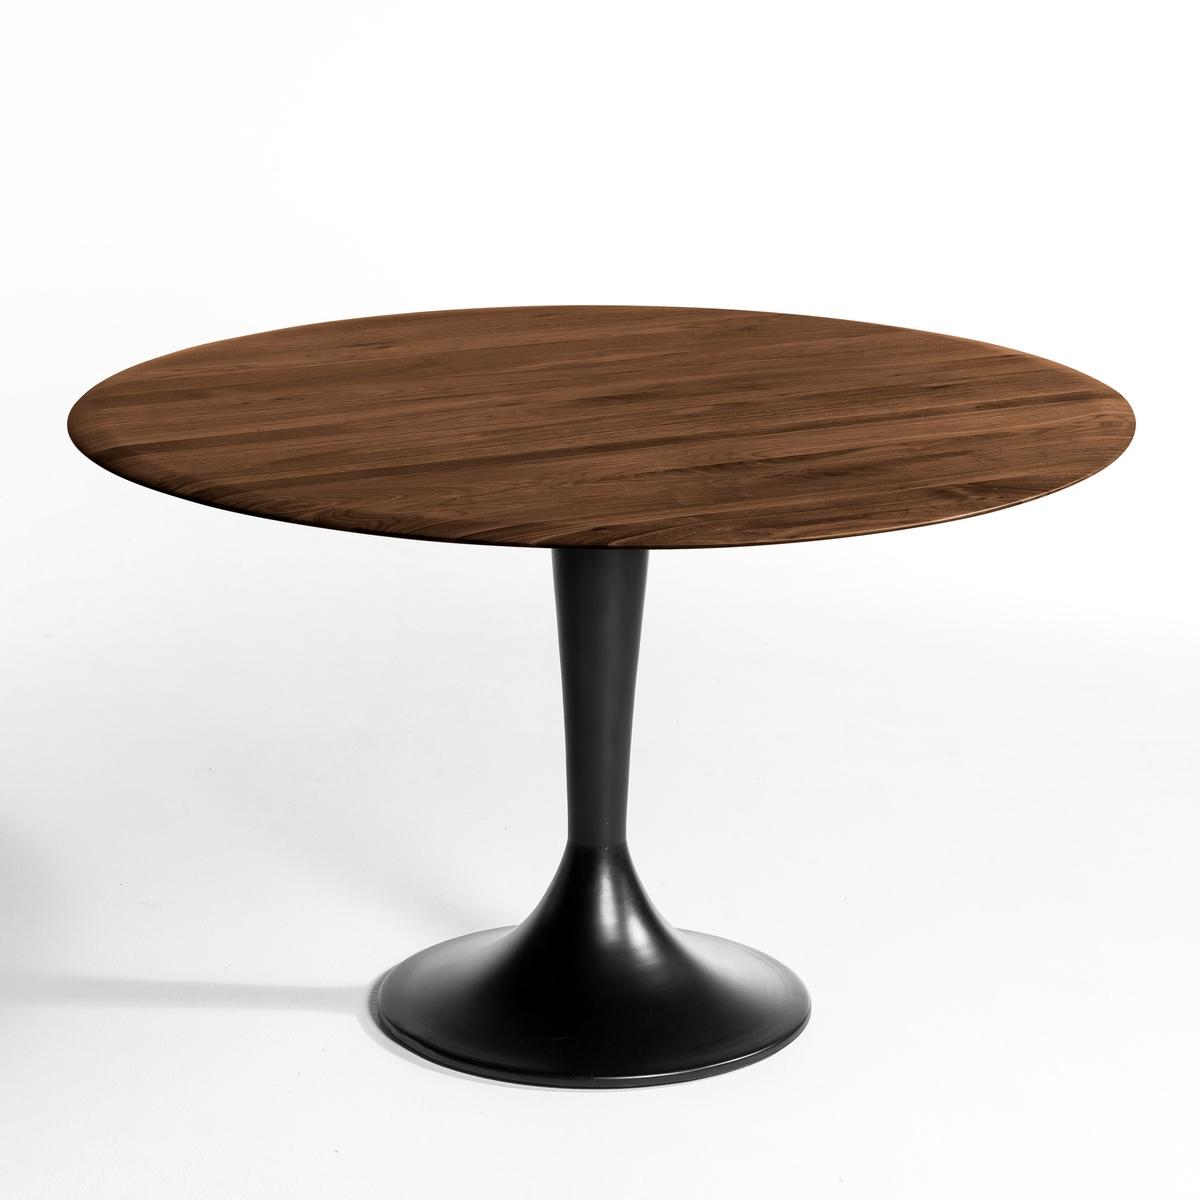 Столешница из массива орехового дерева, ?120 см, HisiaХарактеристики:- Столешница из массива орехового дерева с отделкой полиуретановым лаком.Размеры:- ?120 см, толщина 2 смРазмеры и вес упаковки:Ш.127 x В.9 x Г.127 см, 23 кг<br><br>Цвет: ореховый